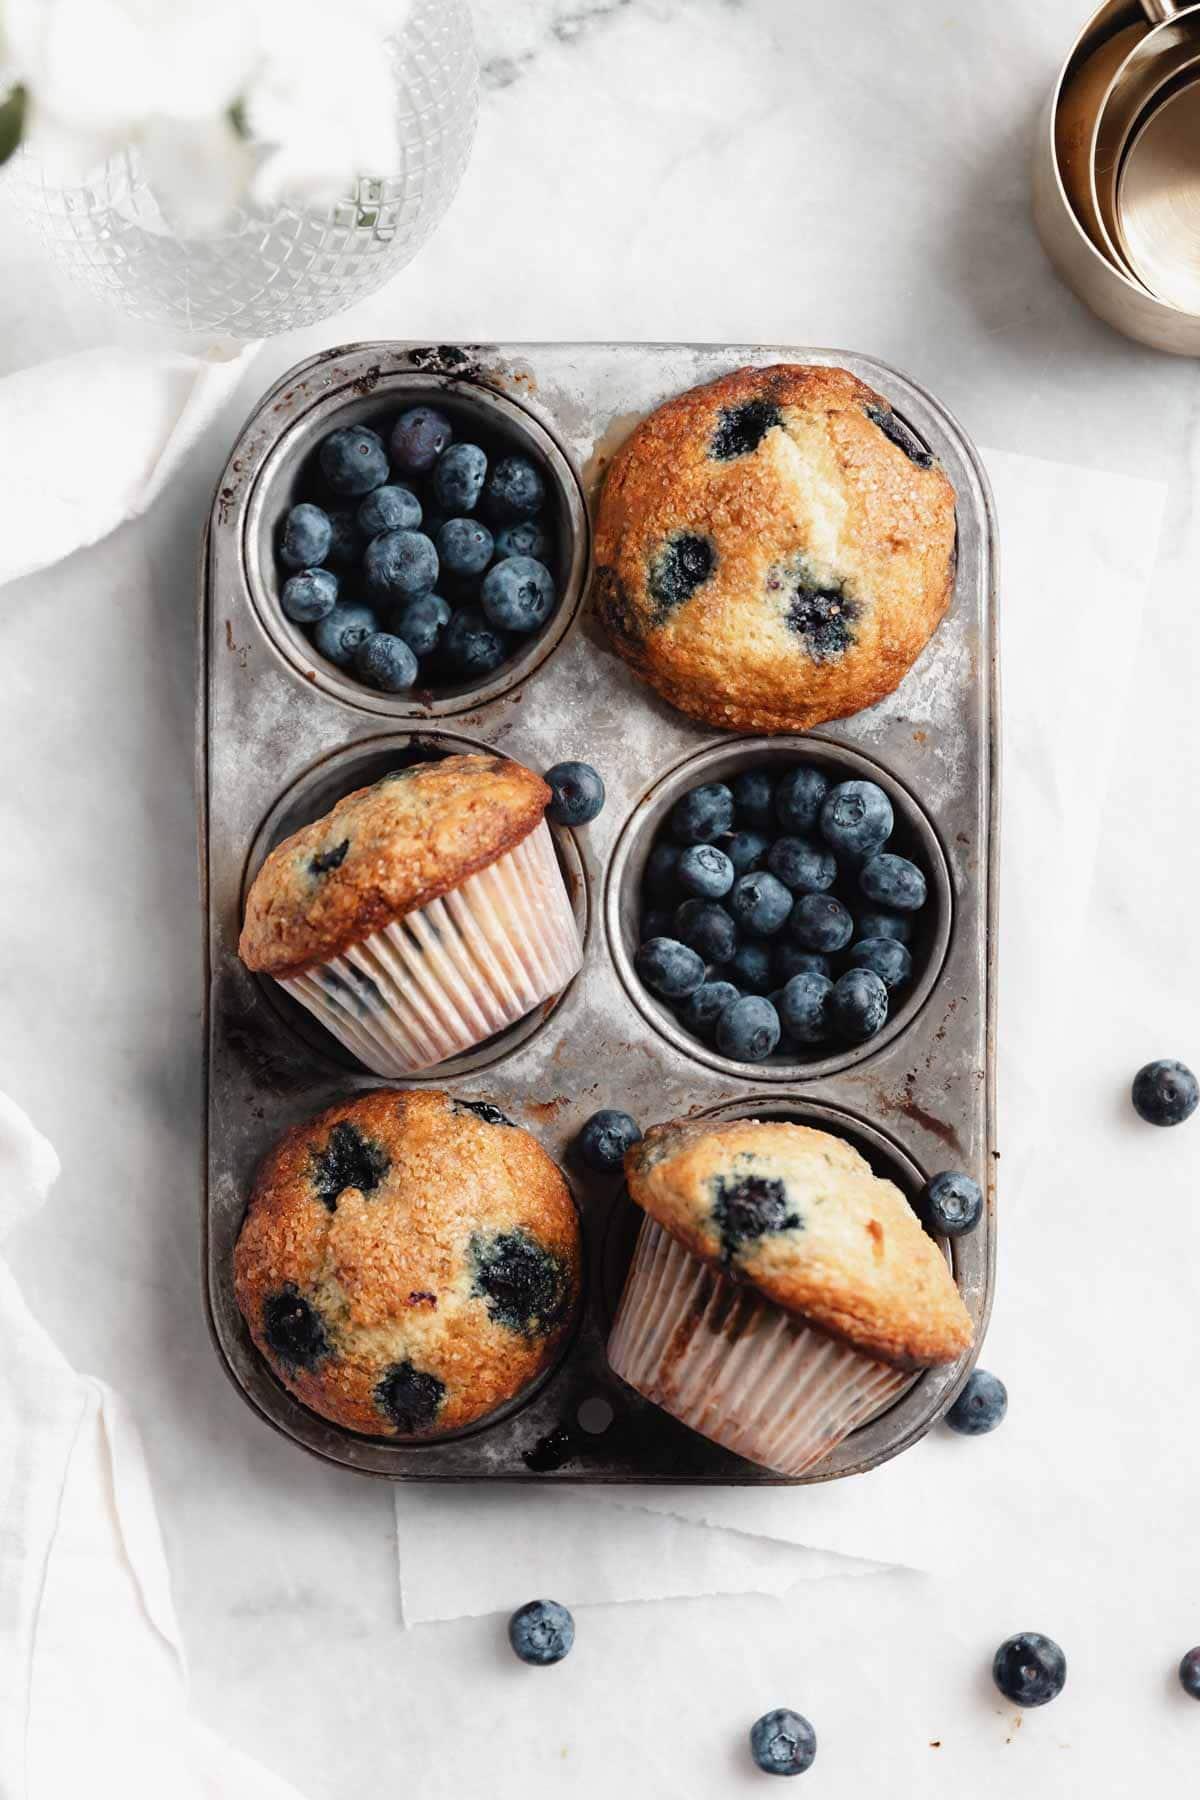 la meilleure recette de muffins aux bleuets